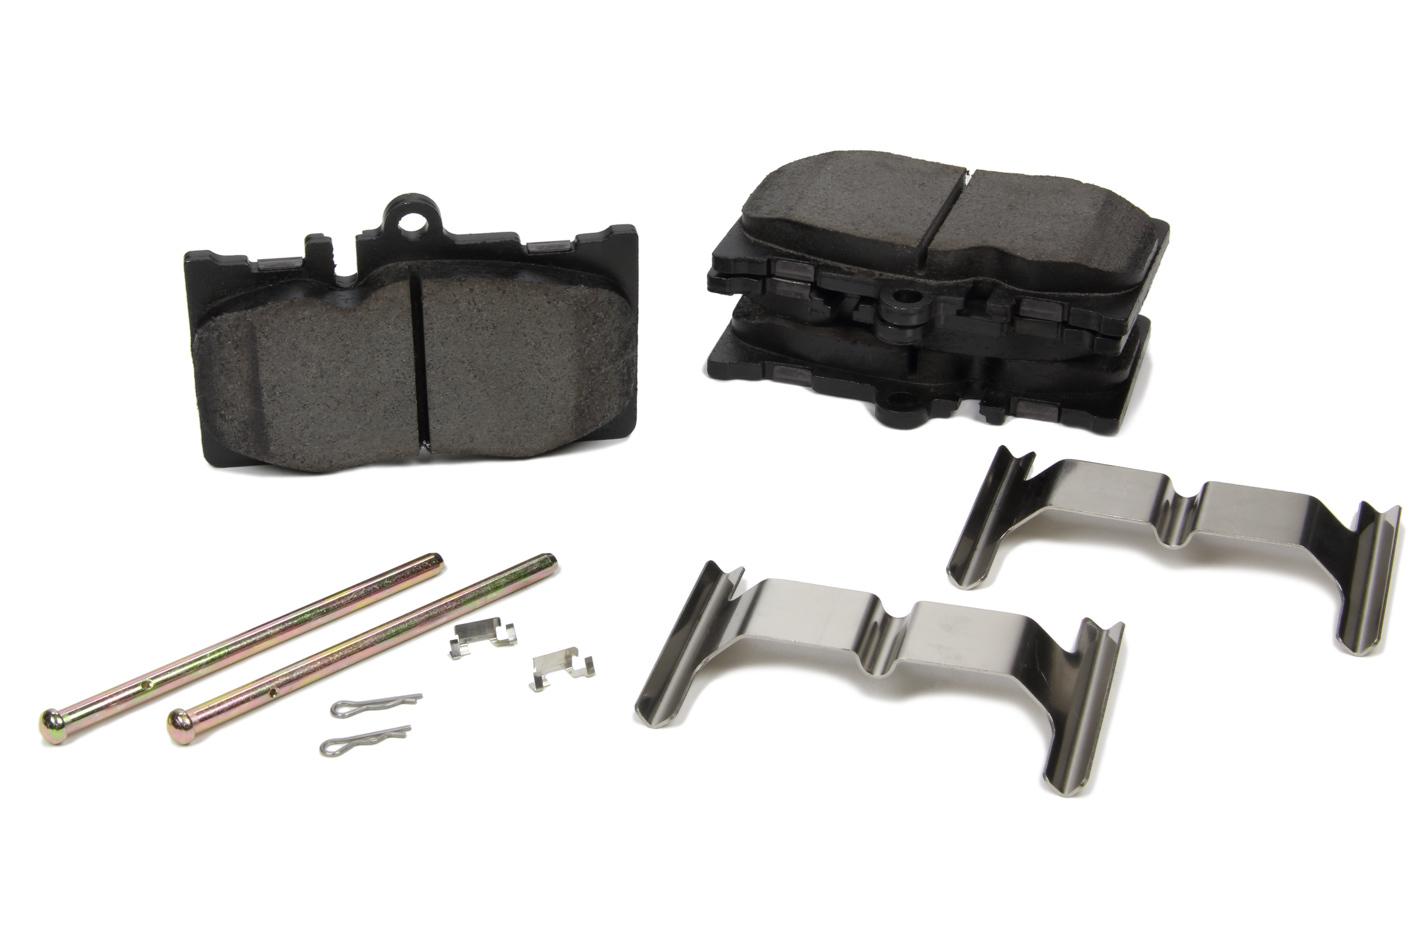 Centric Brake Parts 105.087 Brake Pads, Posi-Quiet, Ceramic, Hardware Included, Lexus LS430 2001-06, Set of 4